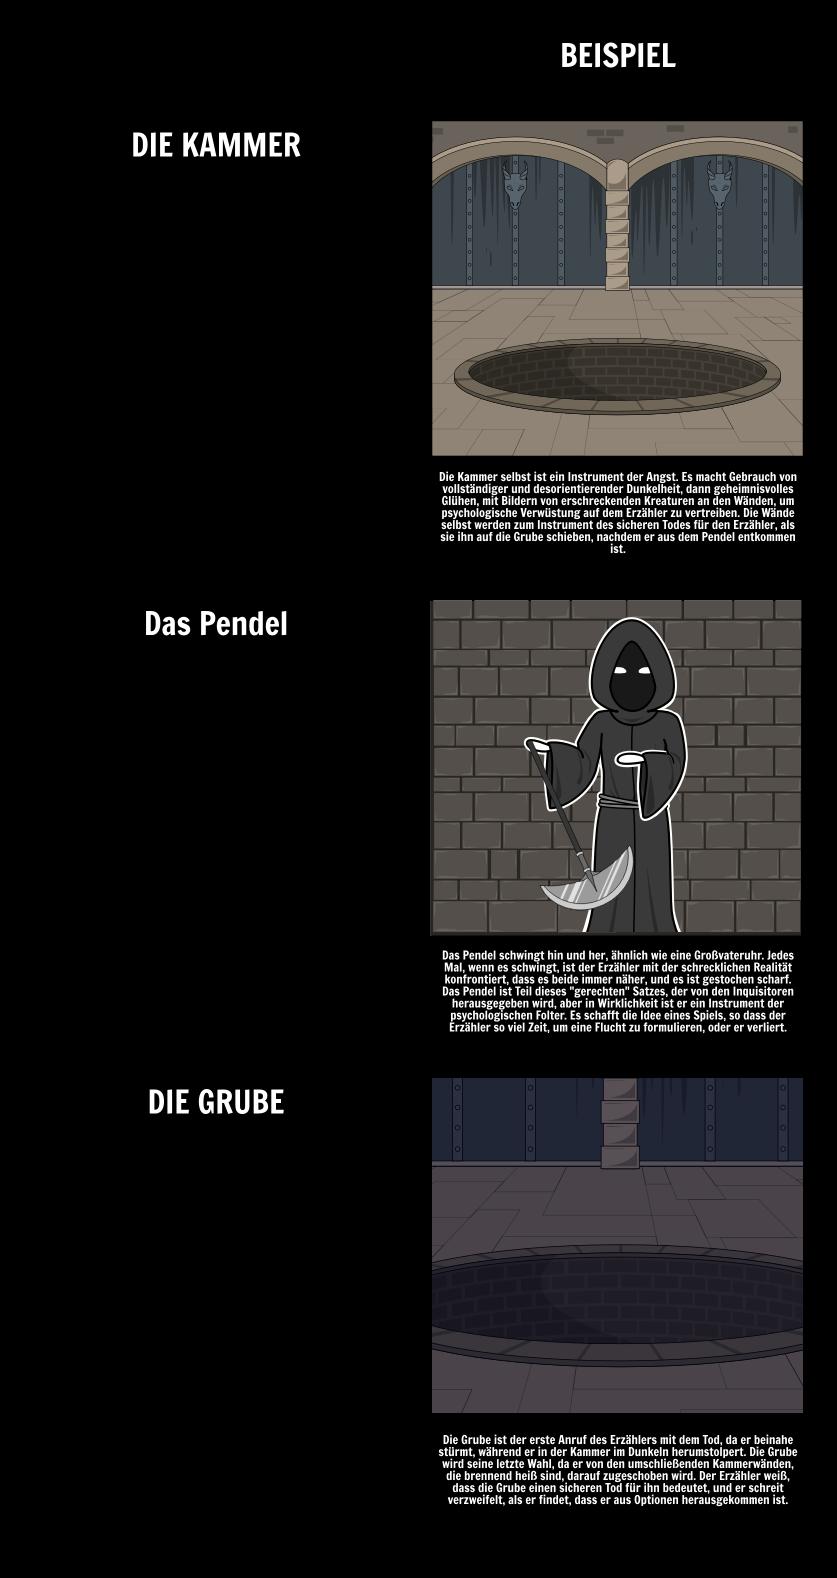 Themen, Symbole und Motive in der Grube und dem Pendel